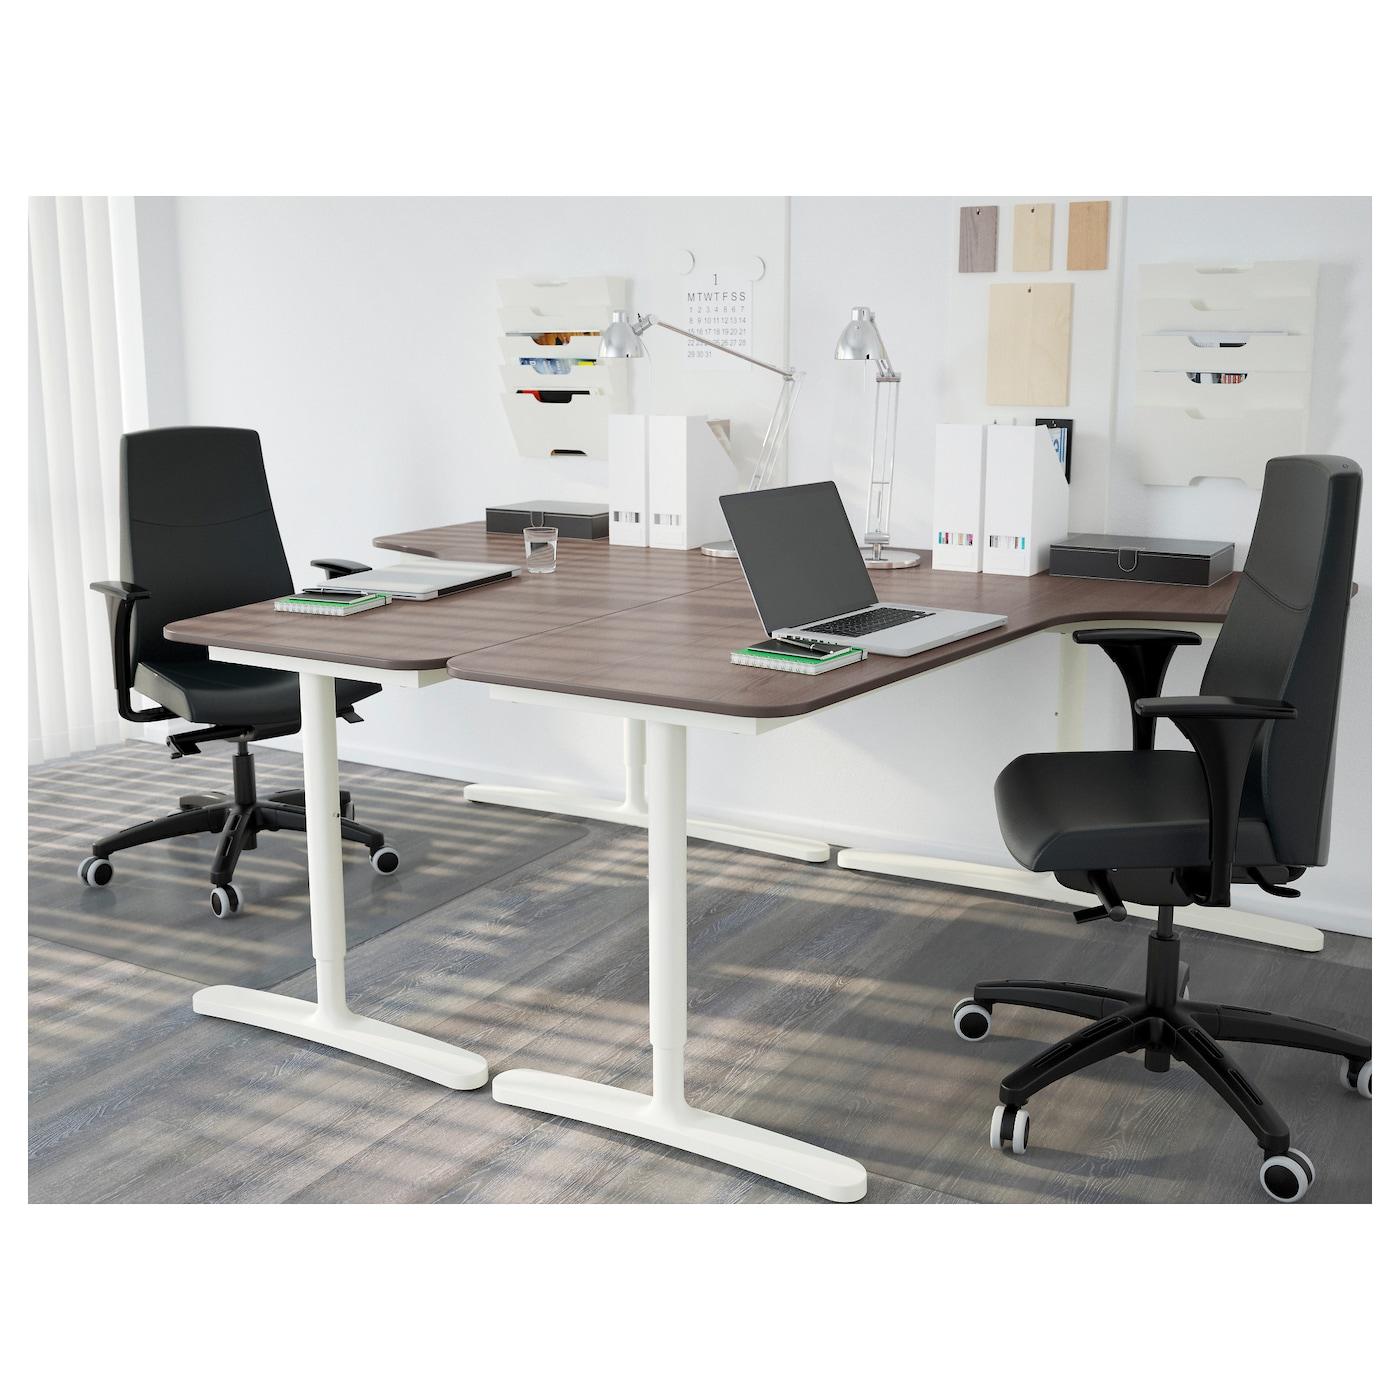 Bekant bureau d 39 angle gch gris blanc 160 x 110 cm ikea - Ikea bureau d angle ...